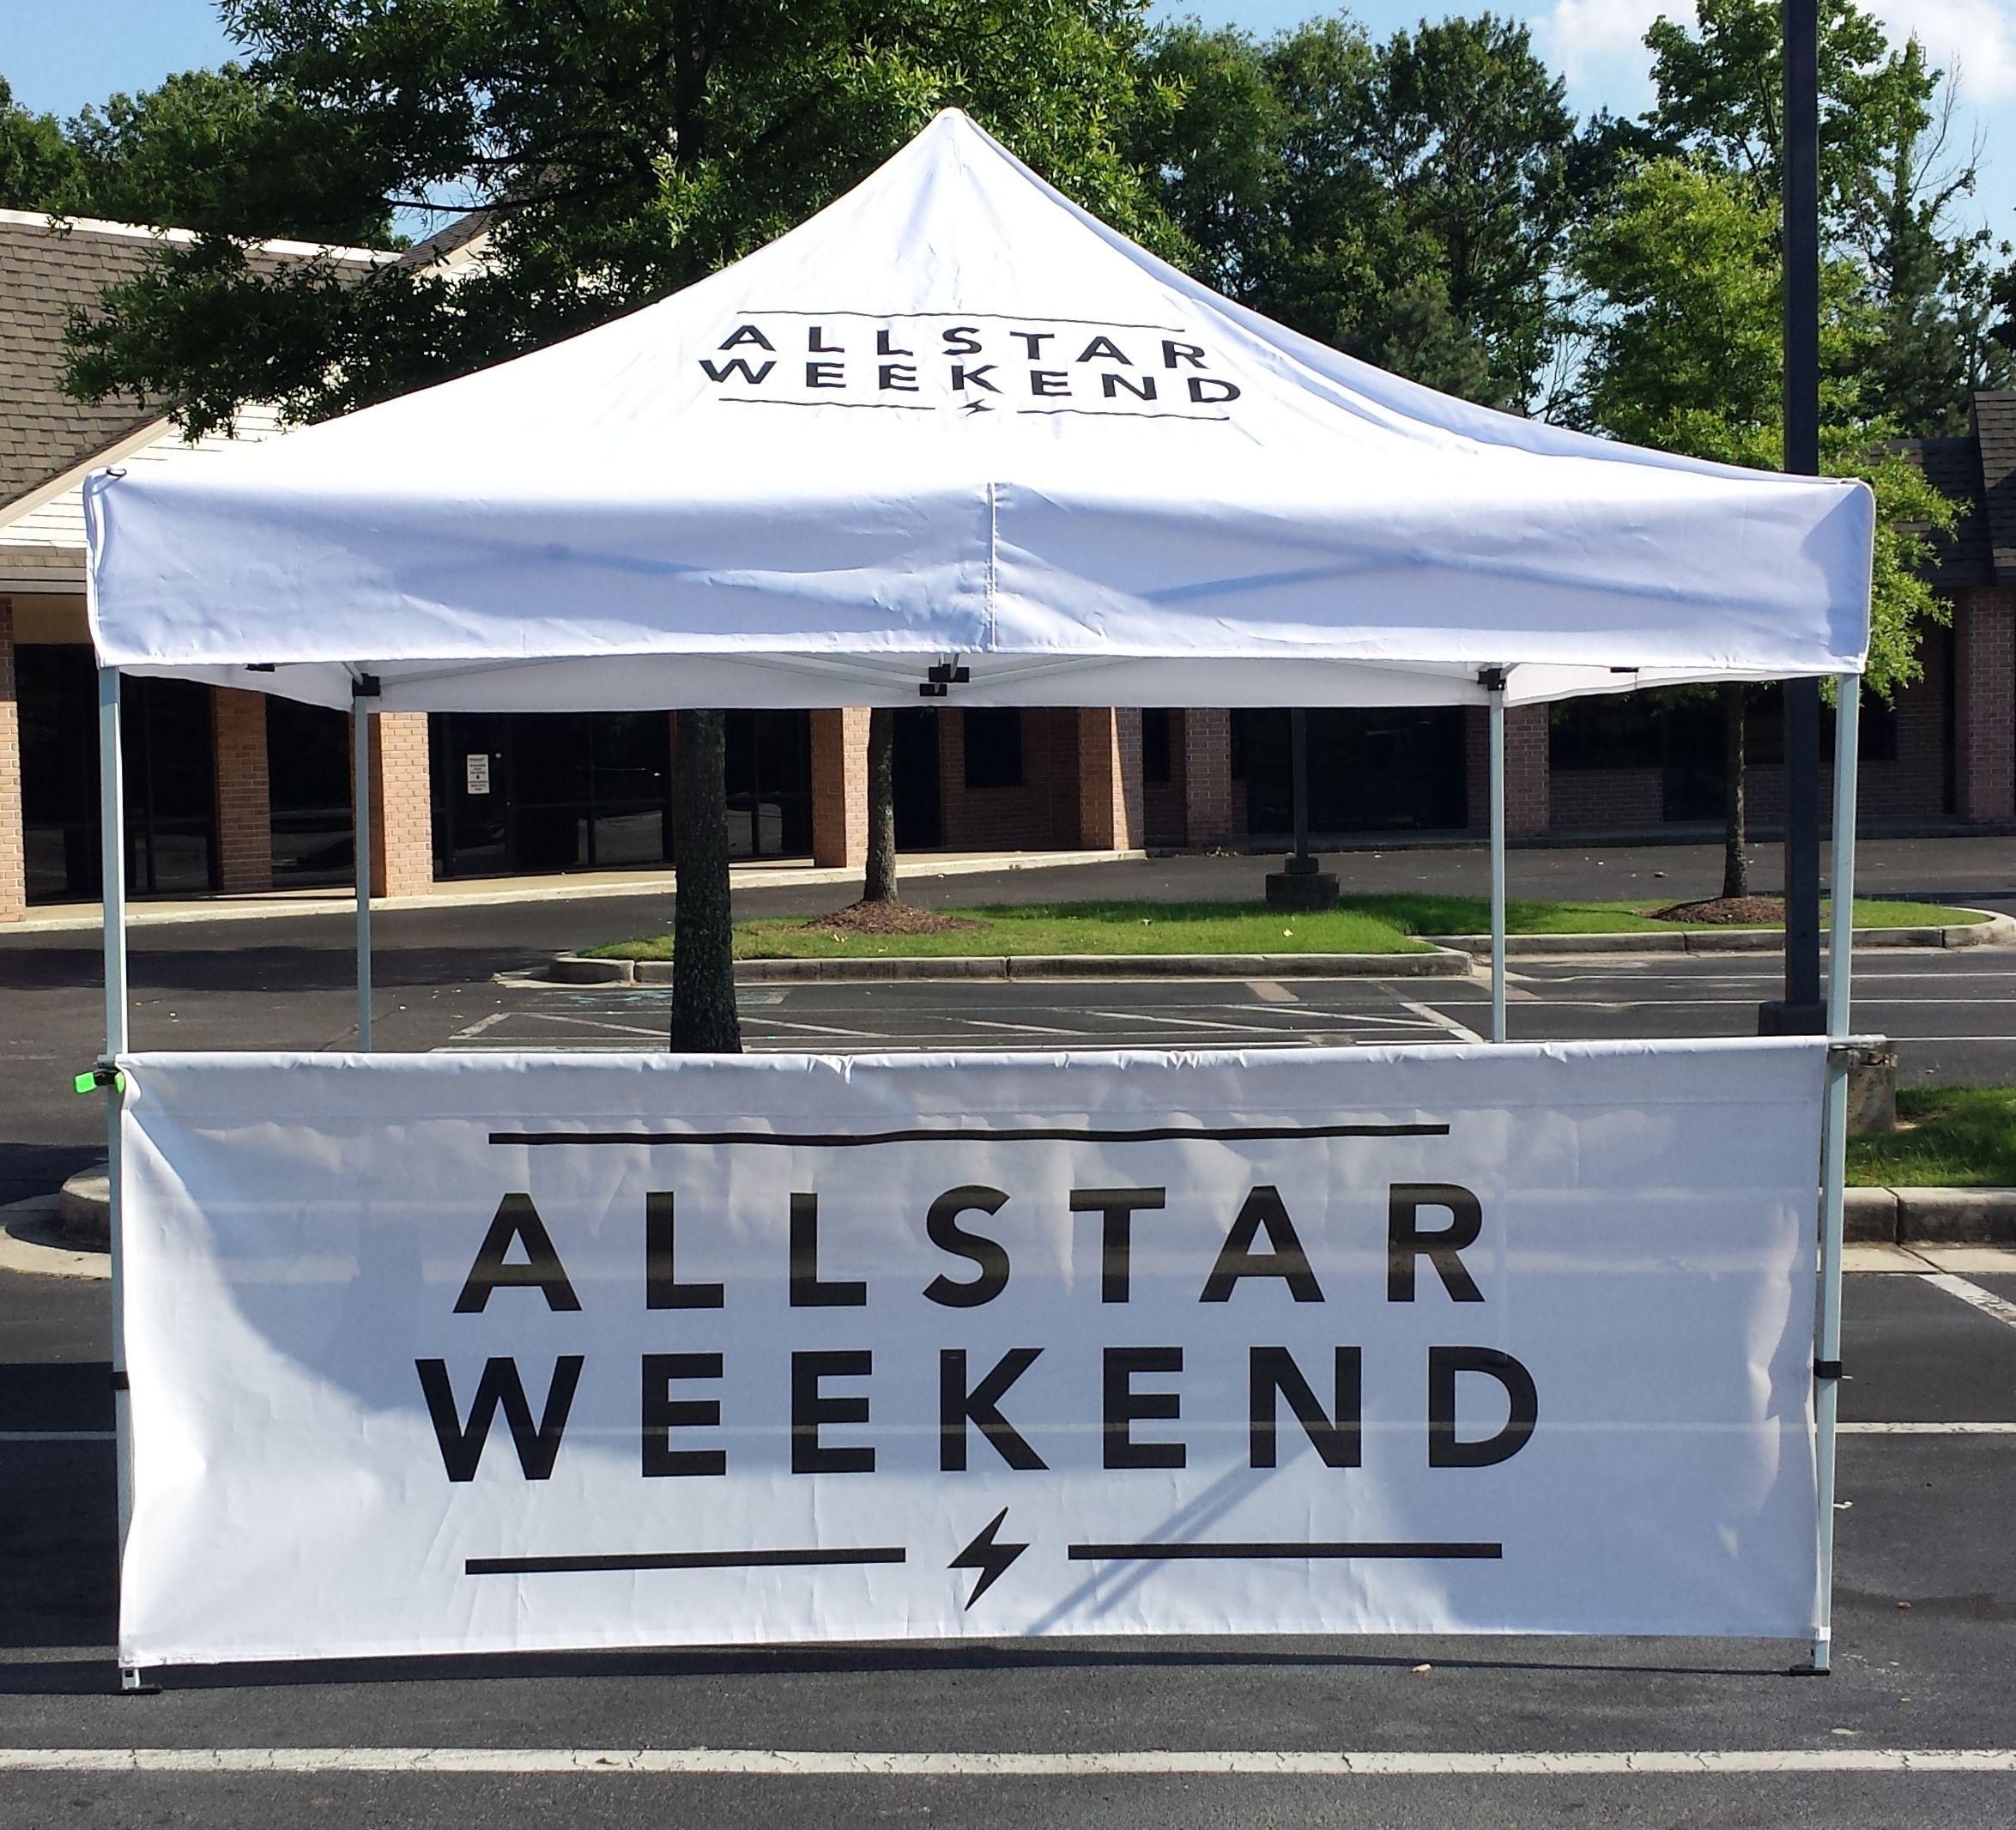 Band Merch Tent | Allstar Weekend